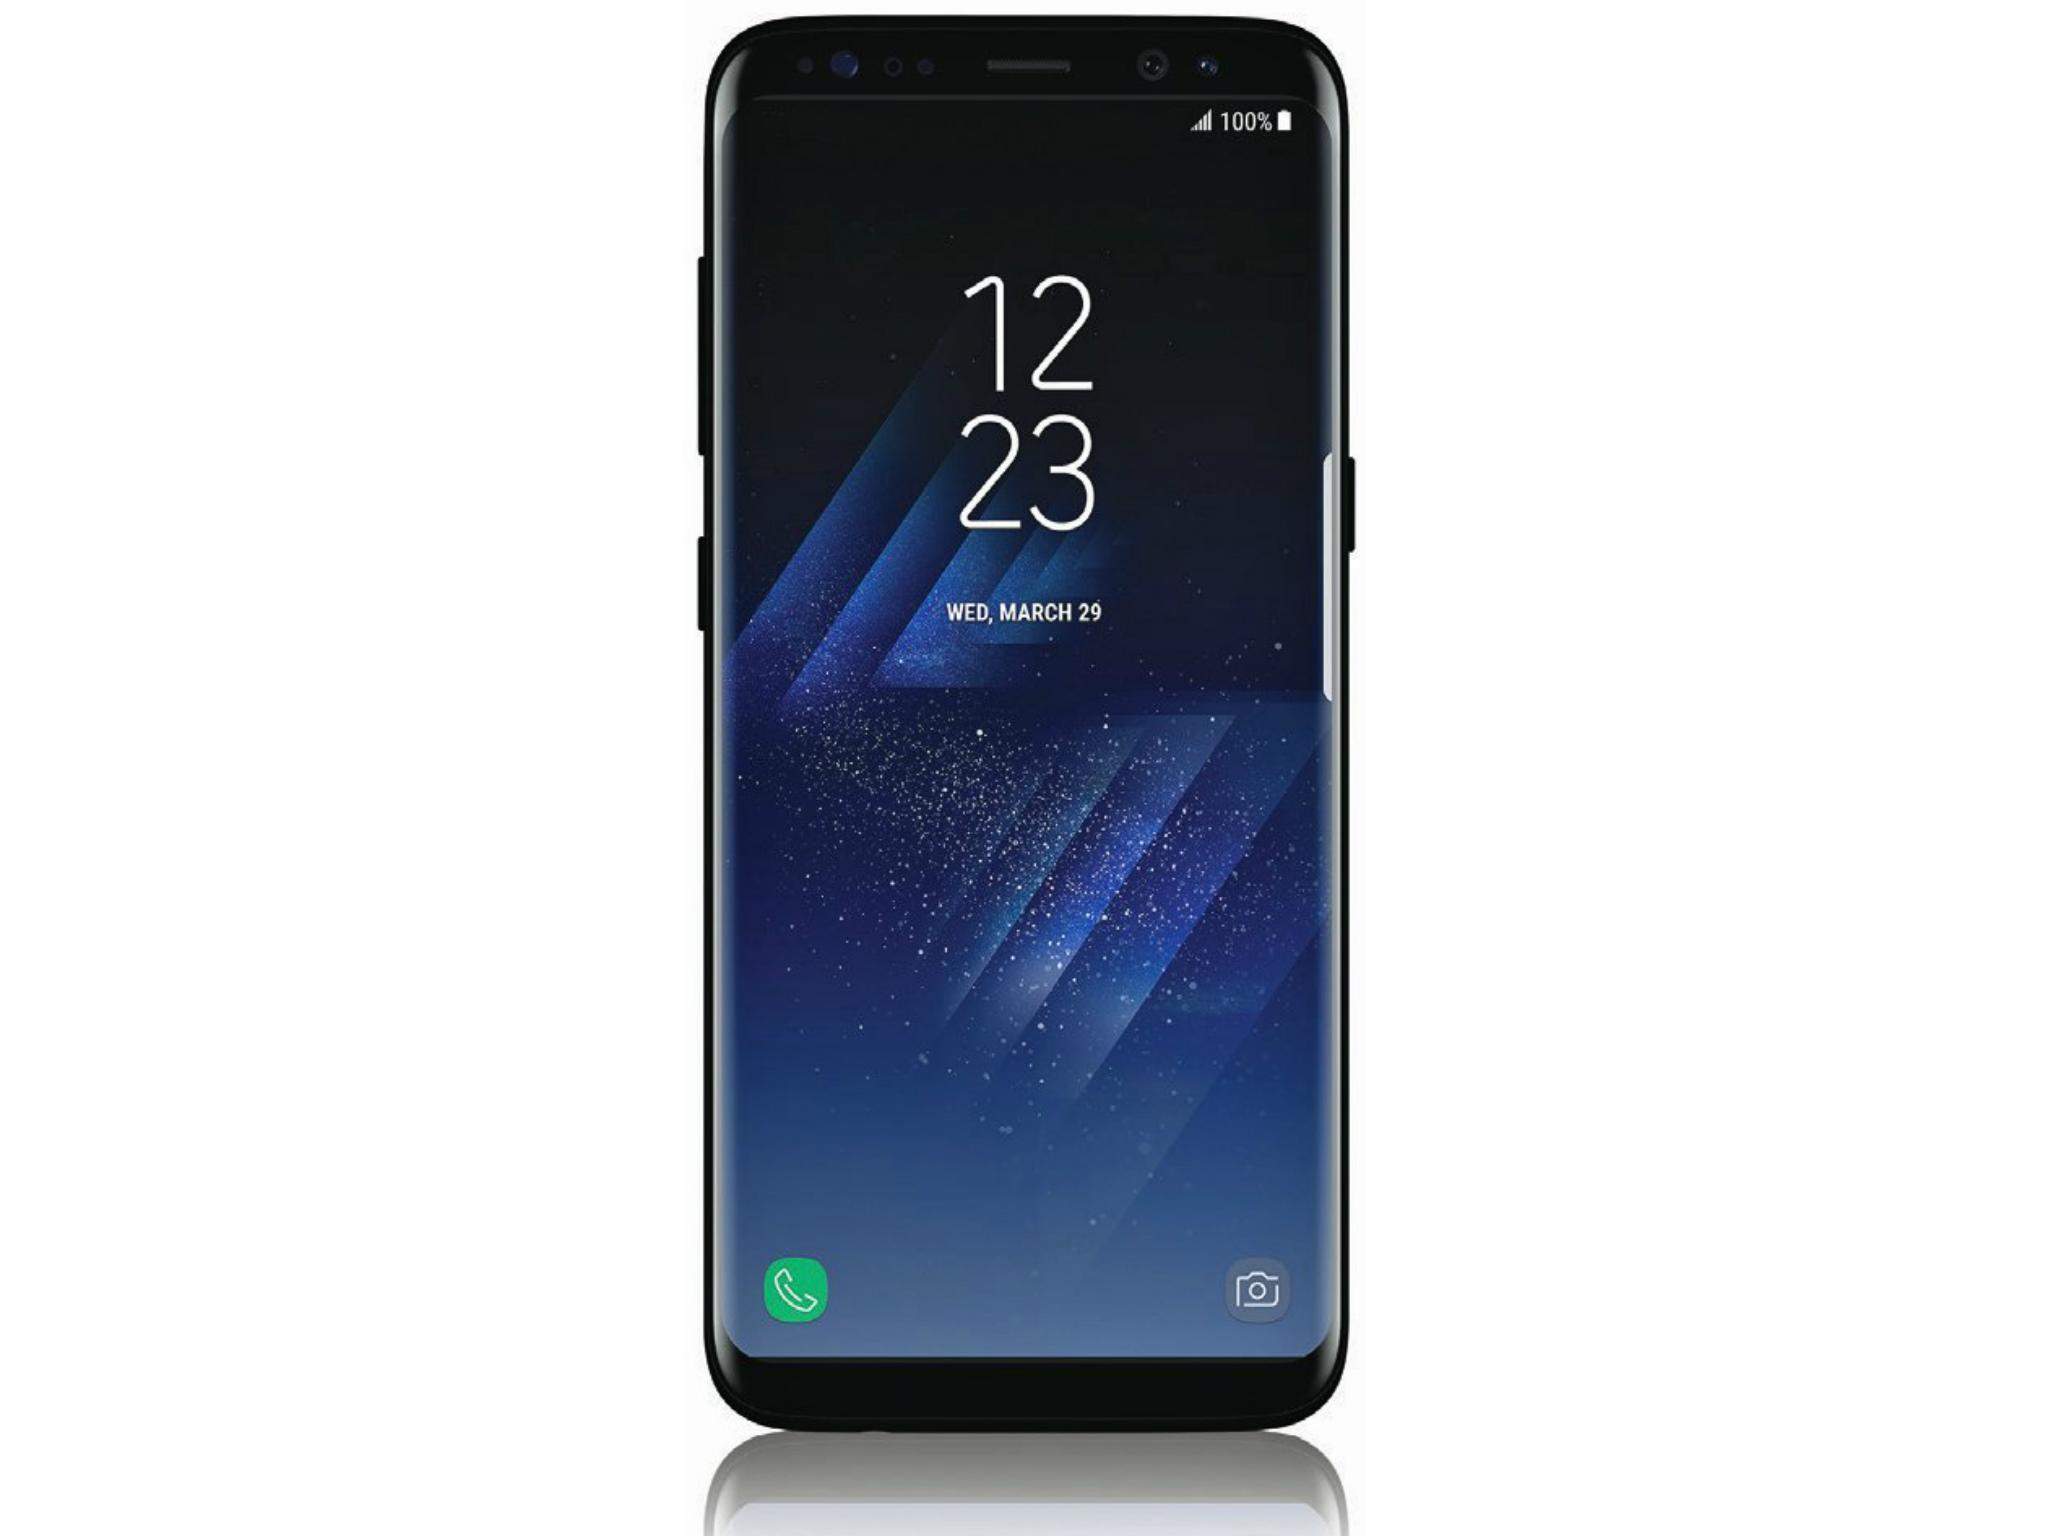 Imagem vazada do Samsung Galaxy S8